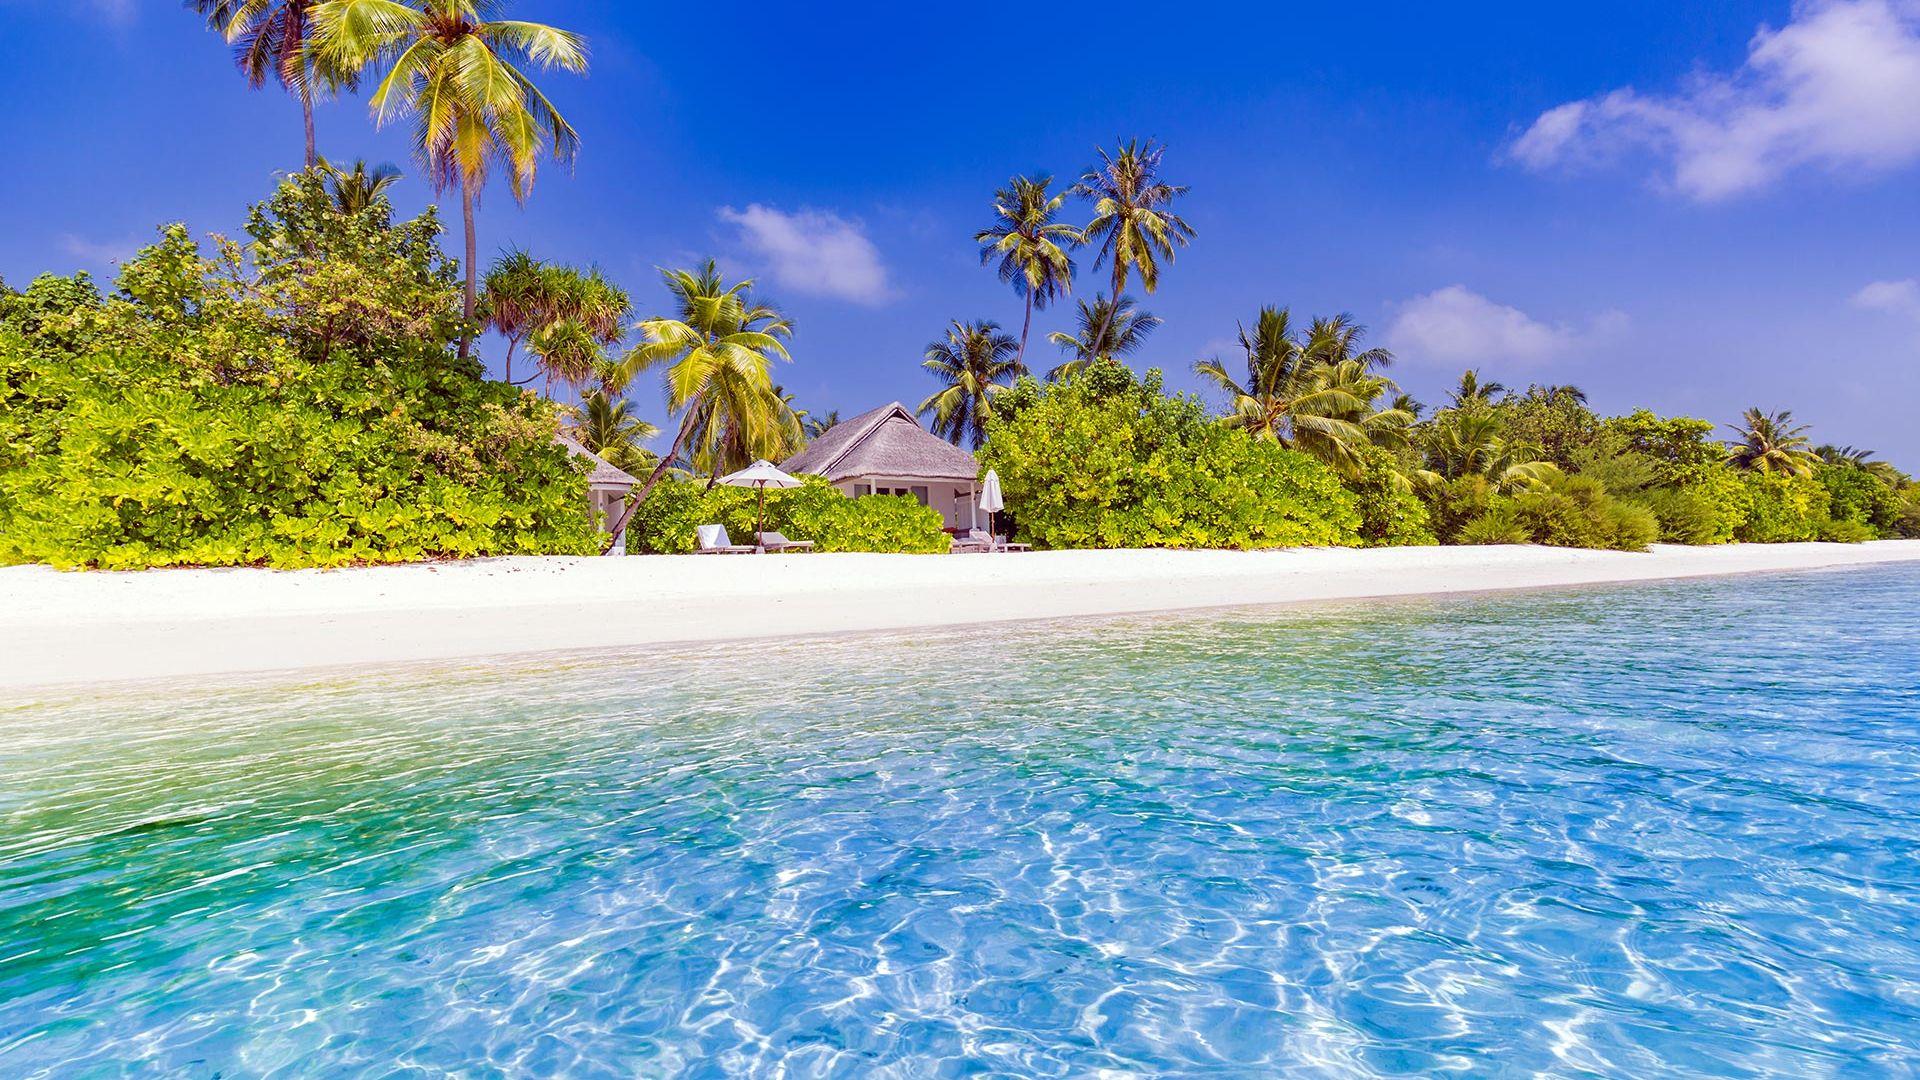 Sejur plaja Luxury All Inclusive Maldive 9 zile, cu Razvan Pascu - ianuarie 2022